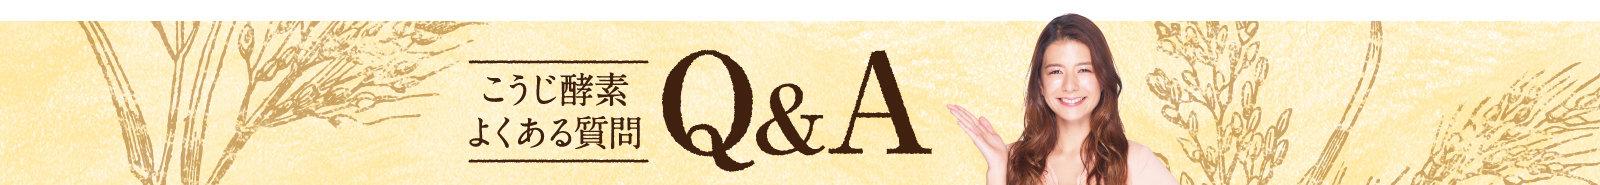 こうじ酵素よくある質問Q&A